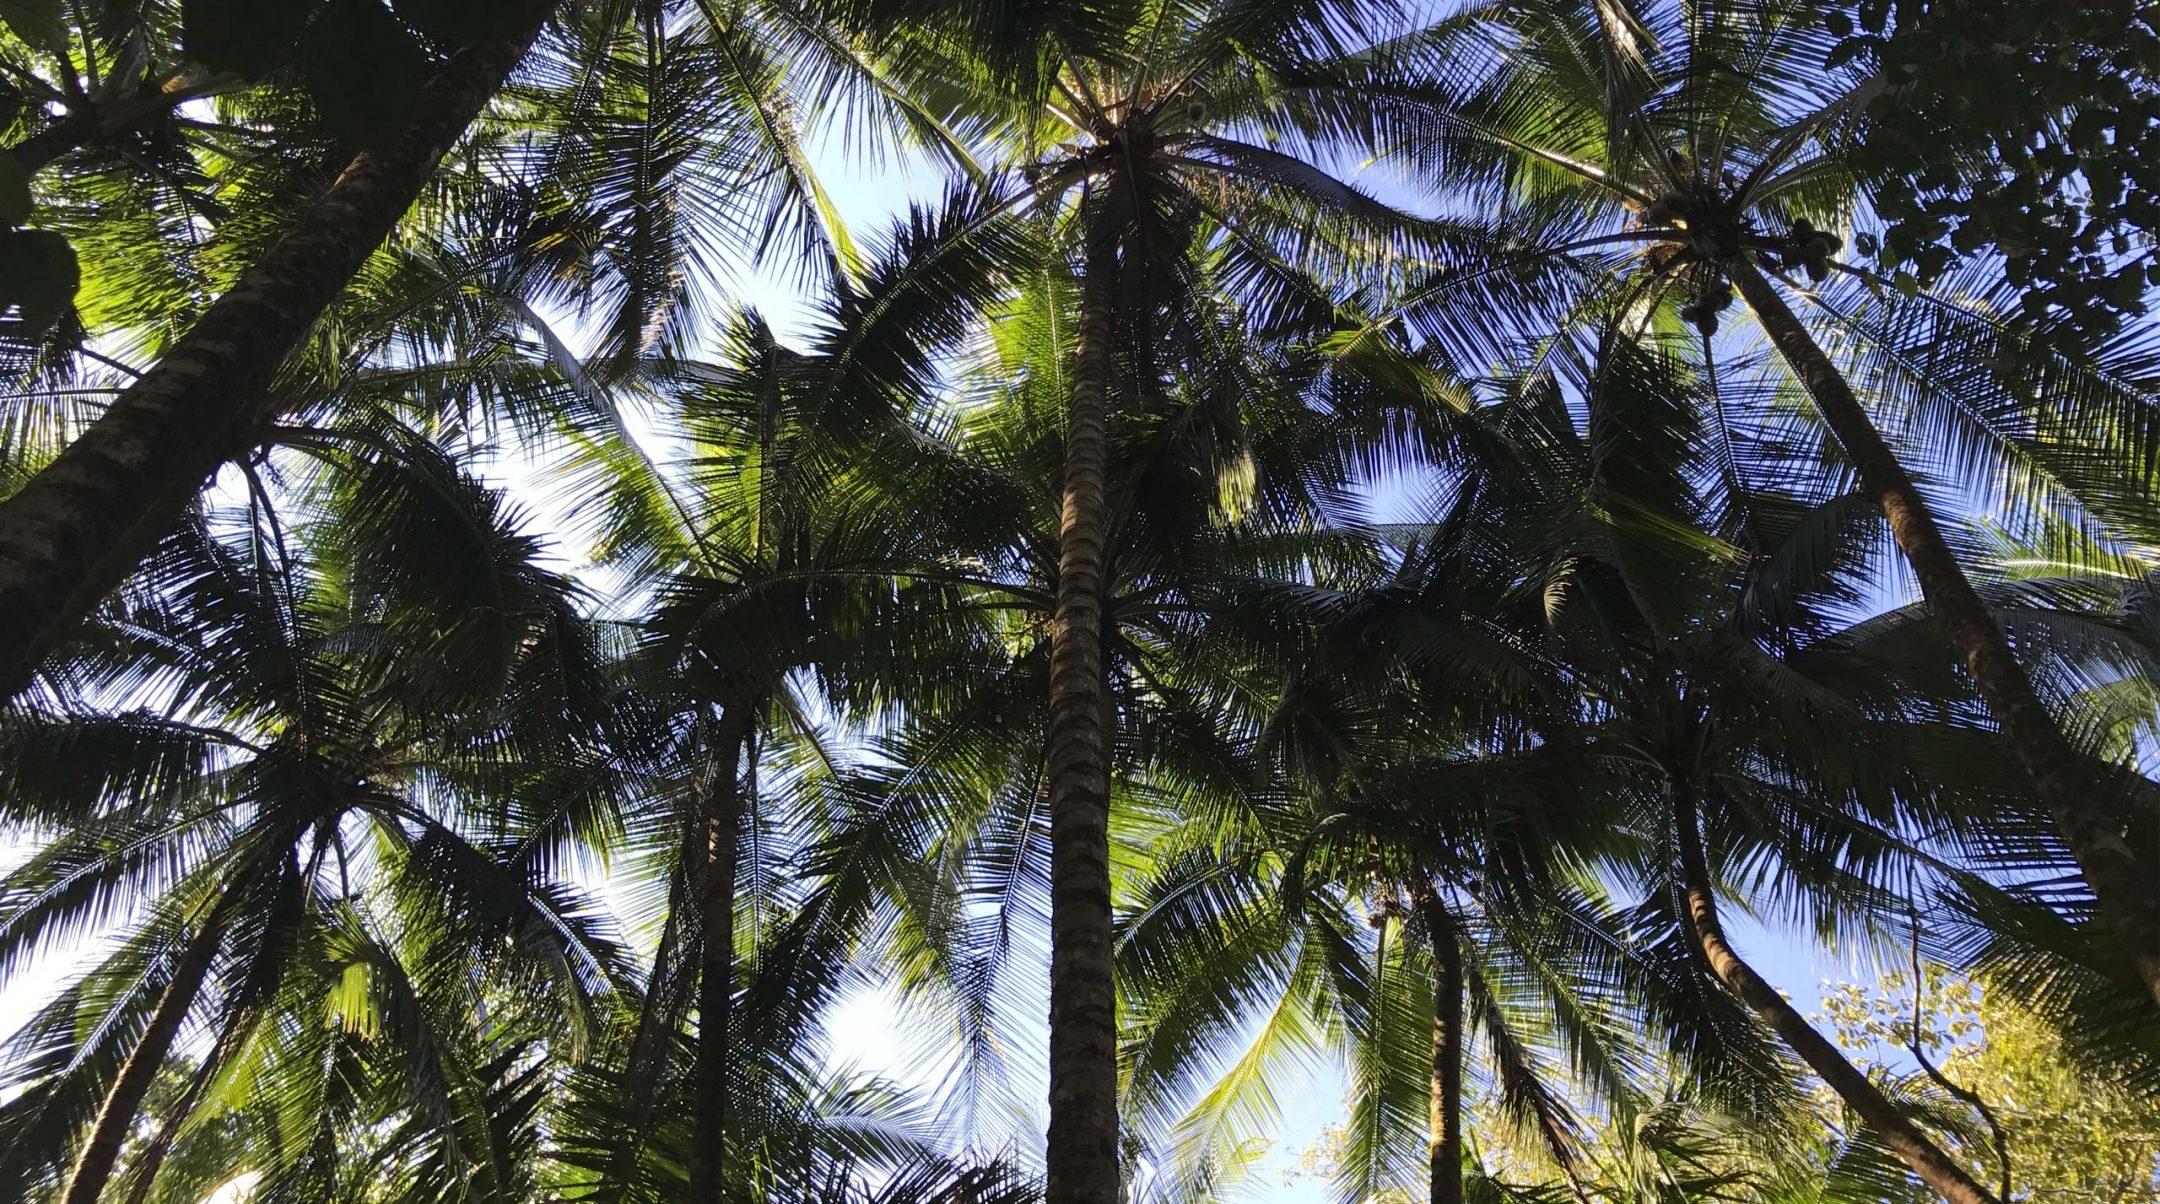 Vidéo de notre voyage au Costa Rica